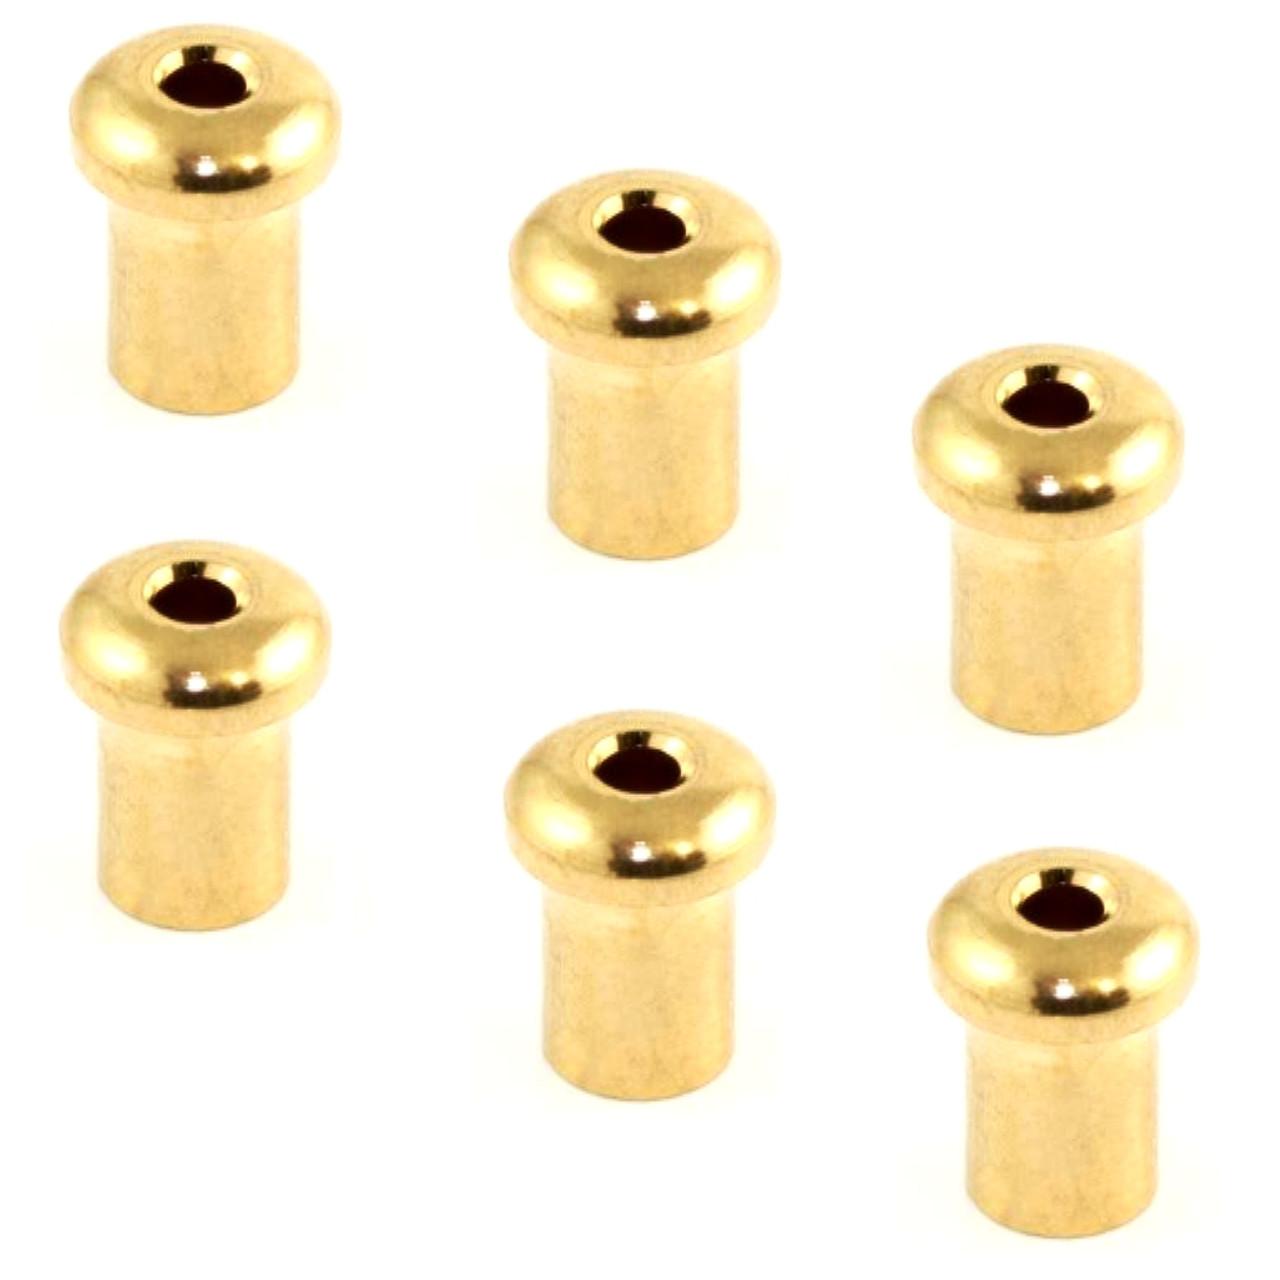 Guitar Top String Ferrules (6) Gold